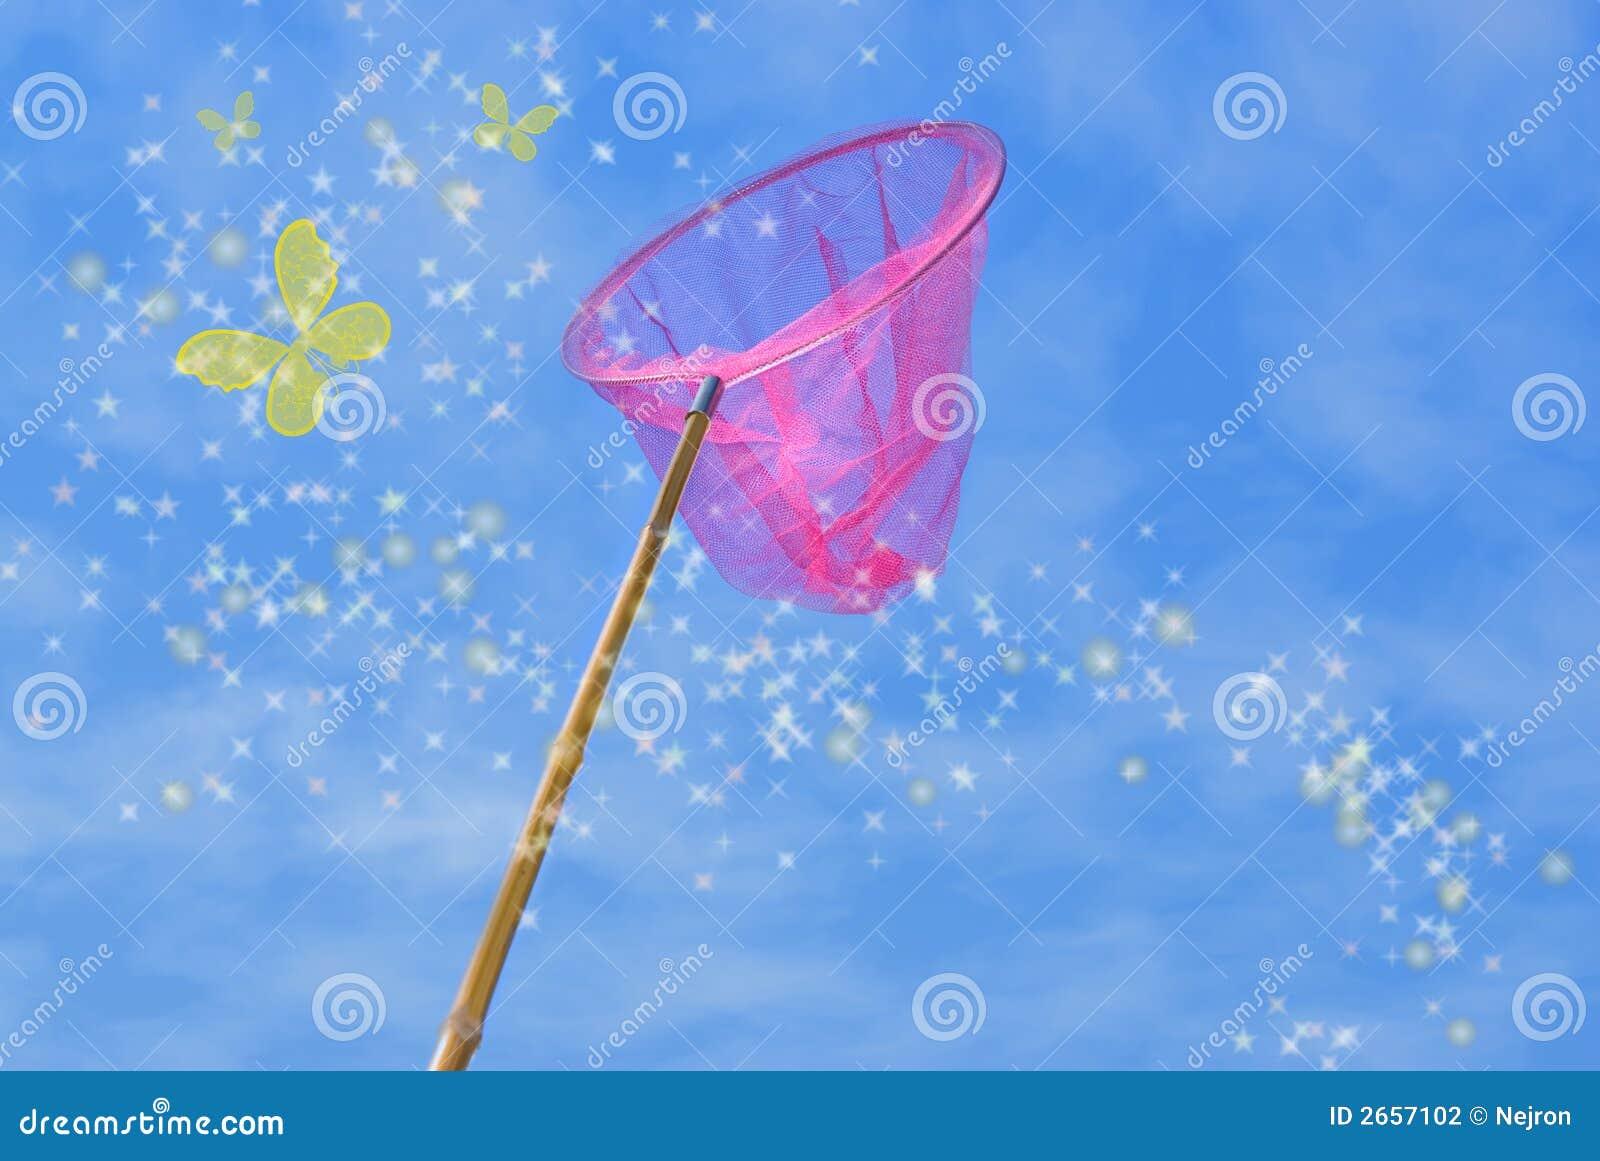 καθαρό ροζ πεταλούδων